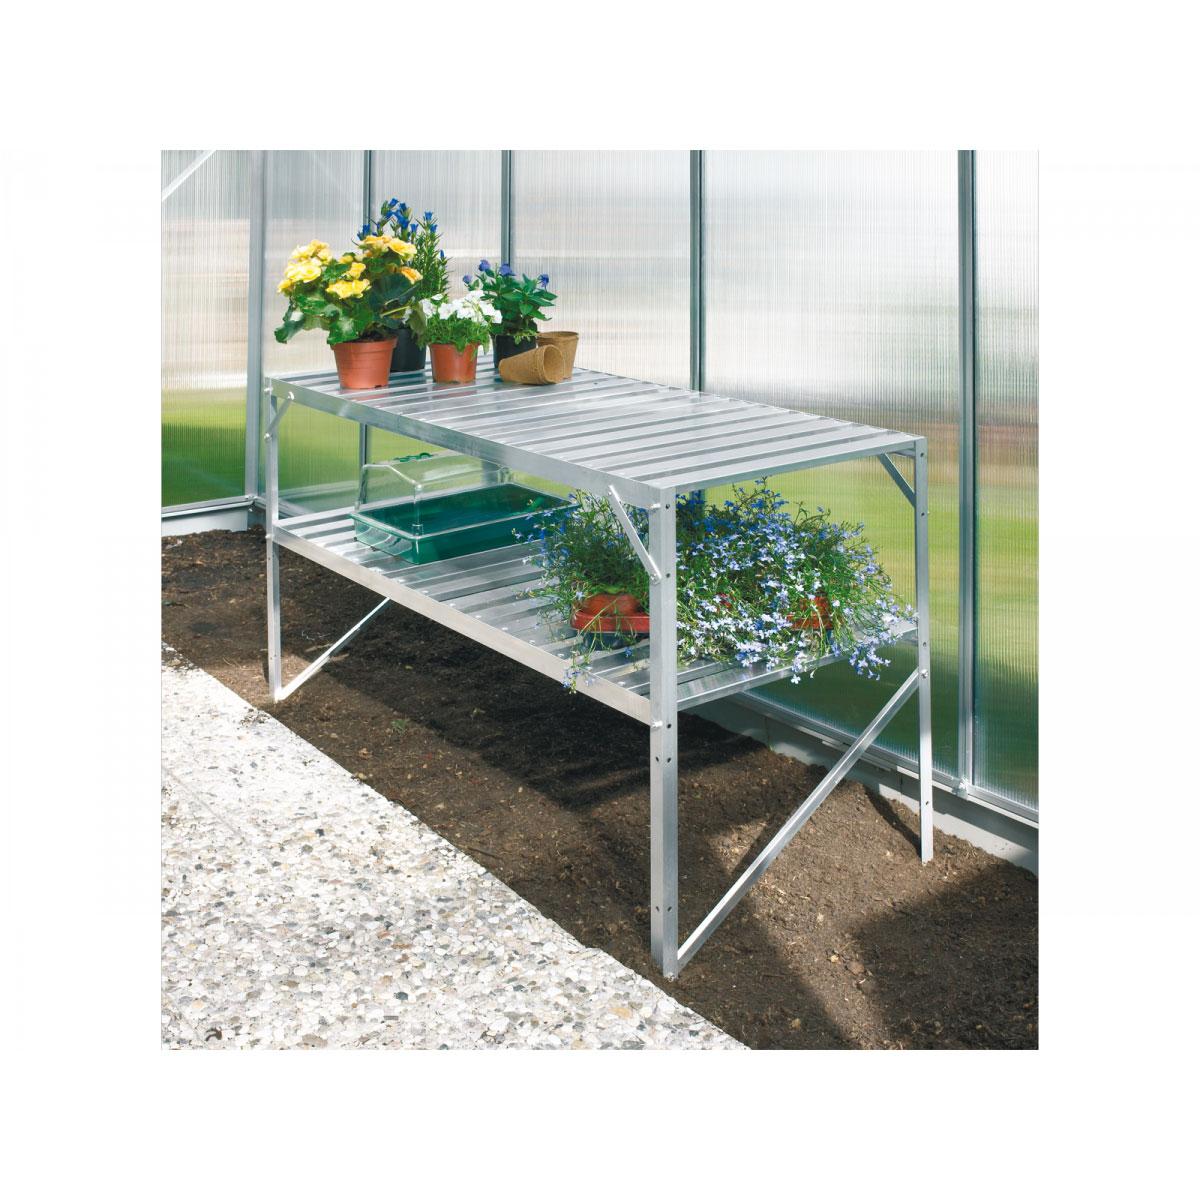 Vitavia Alu-Tisch + 2 Ablagen